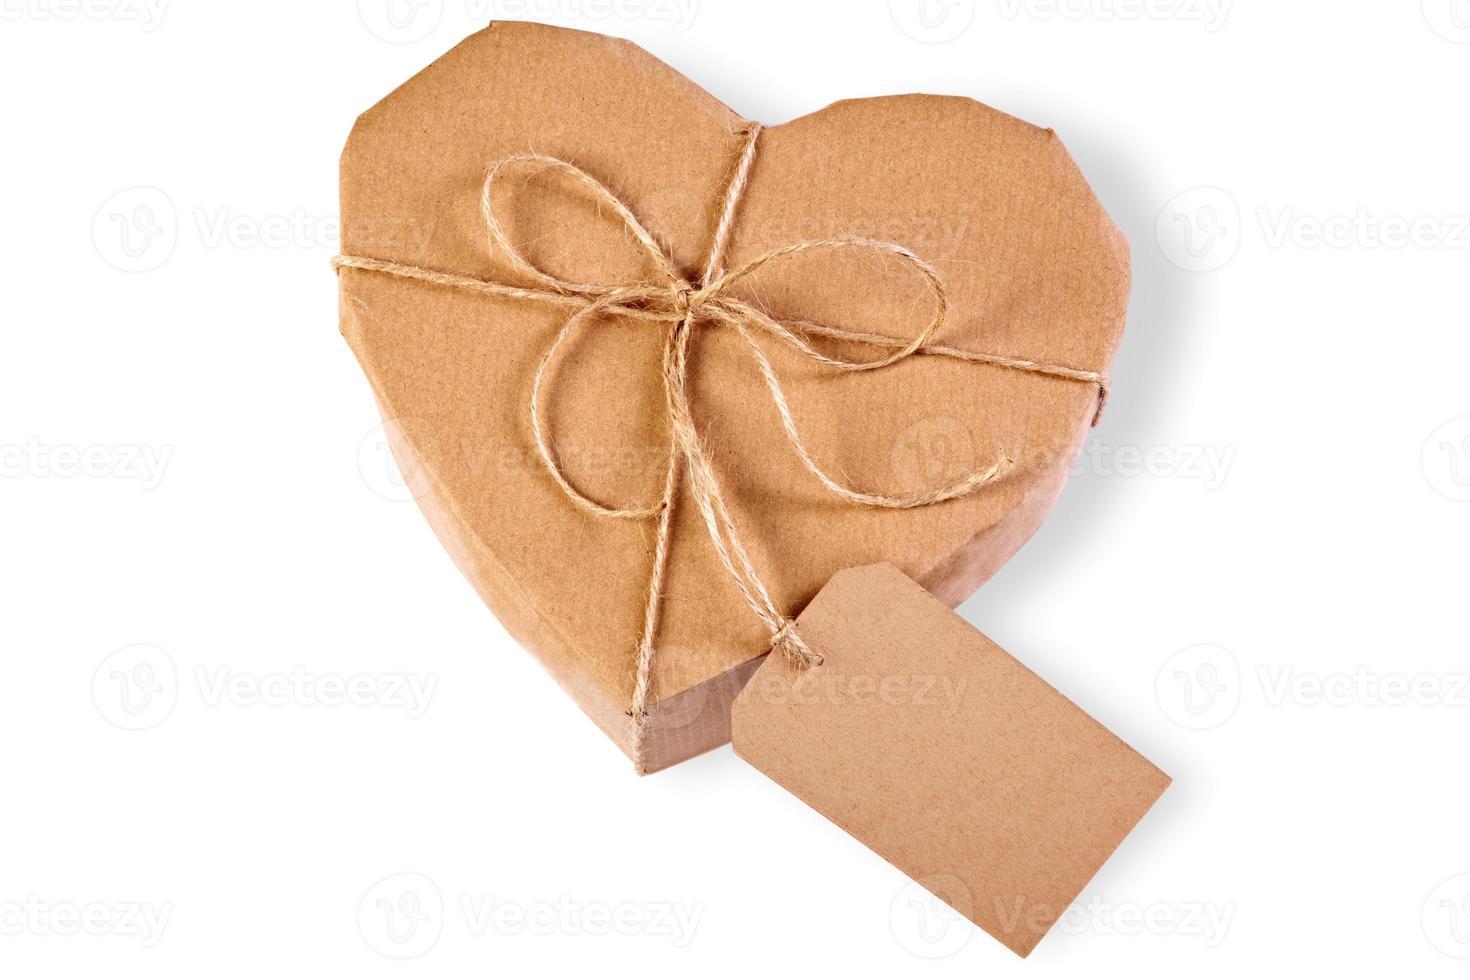 hart pakket geïsoleerd op wit foto